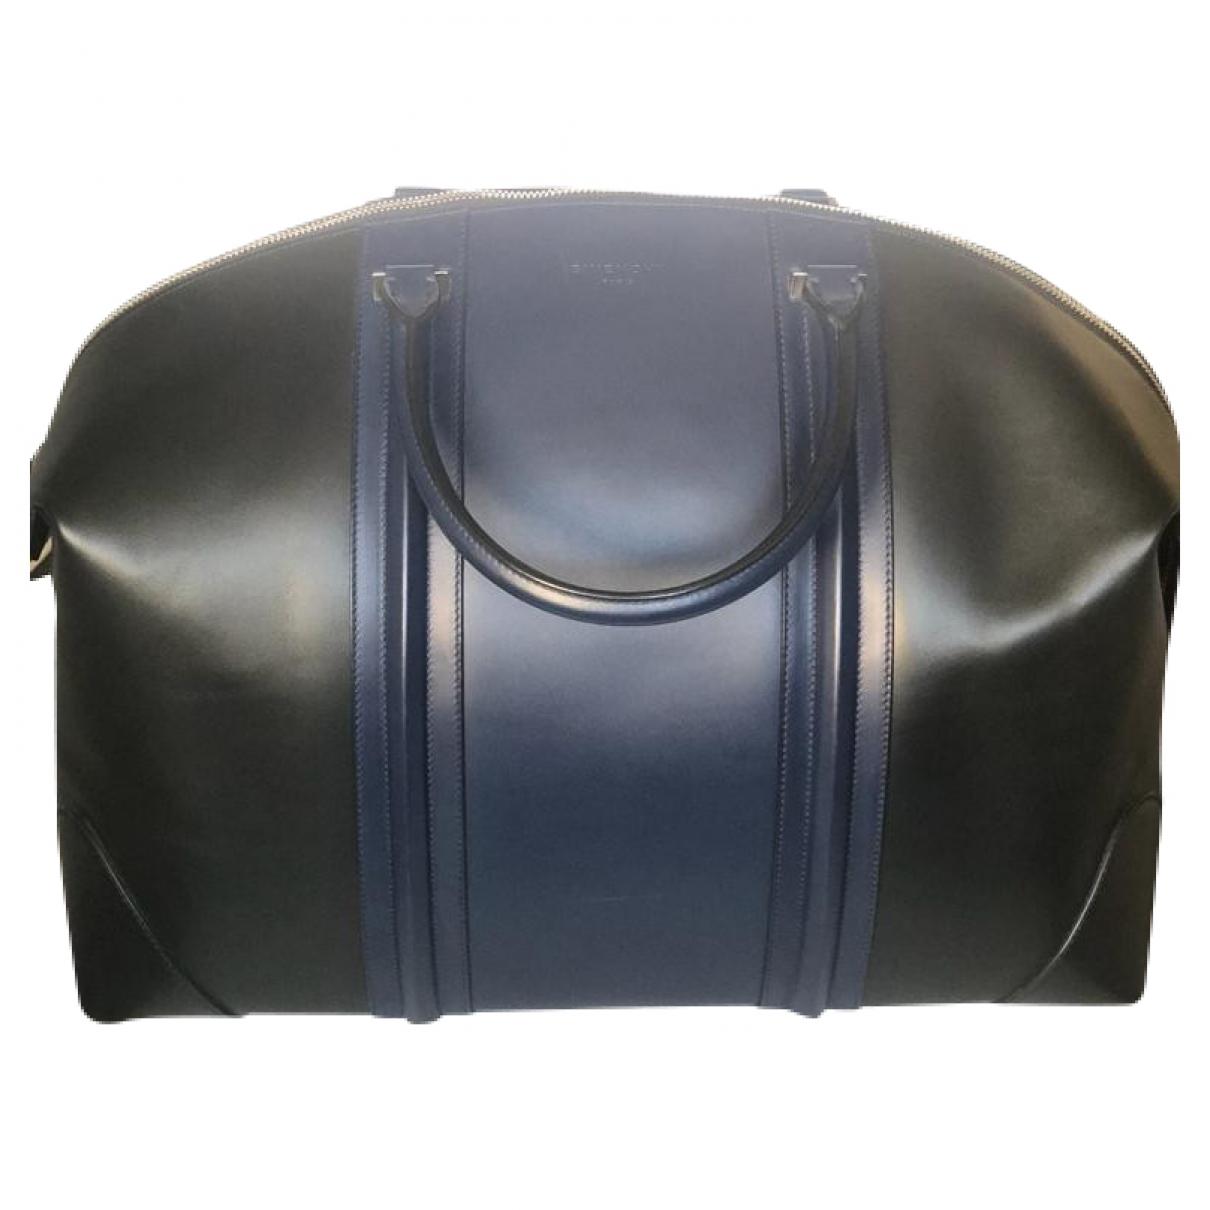 Givenchy - Sac a main Lucrezia pour femme en cuir - noir